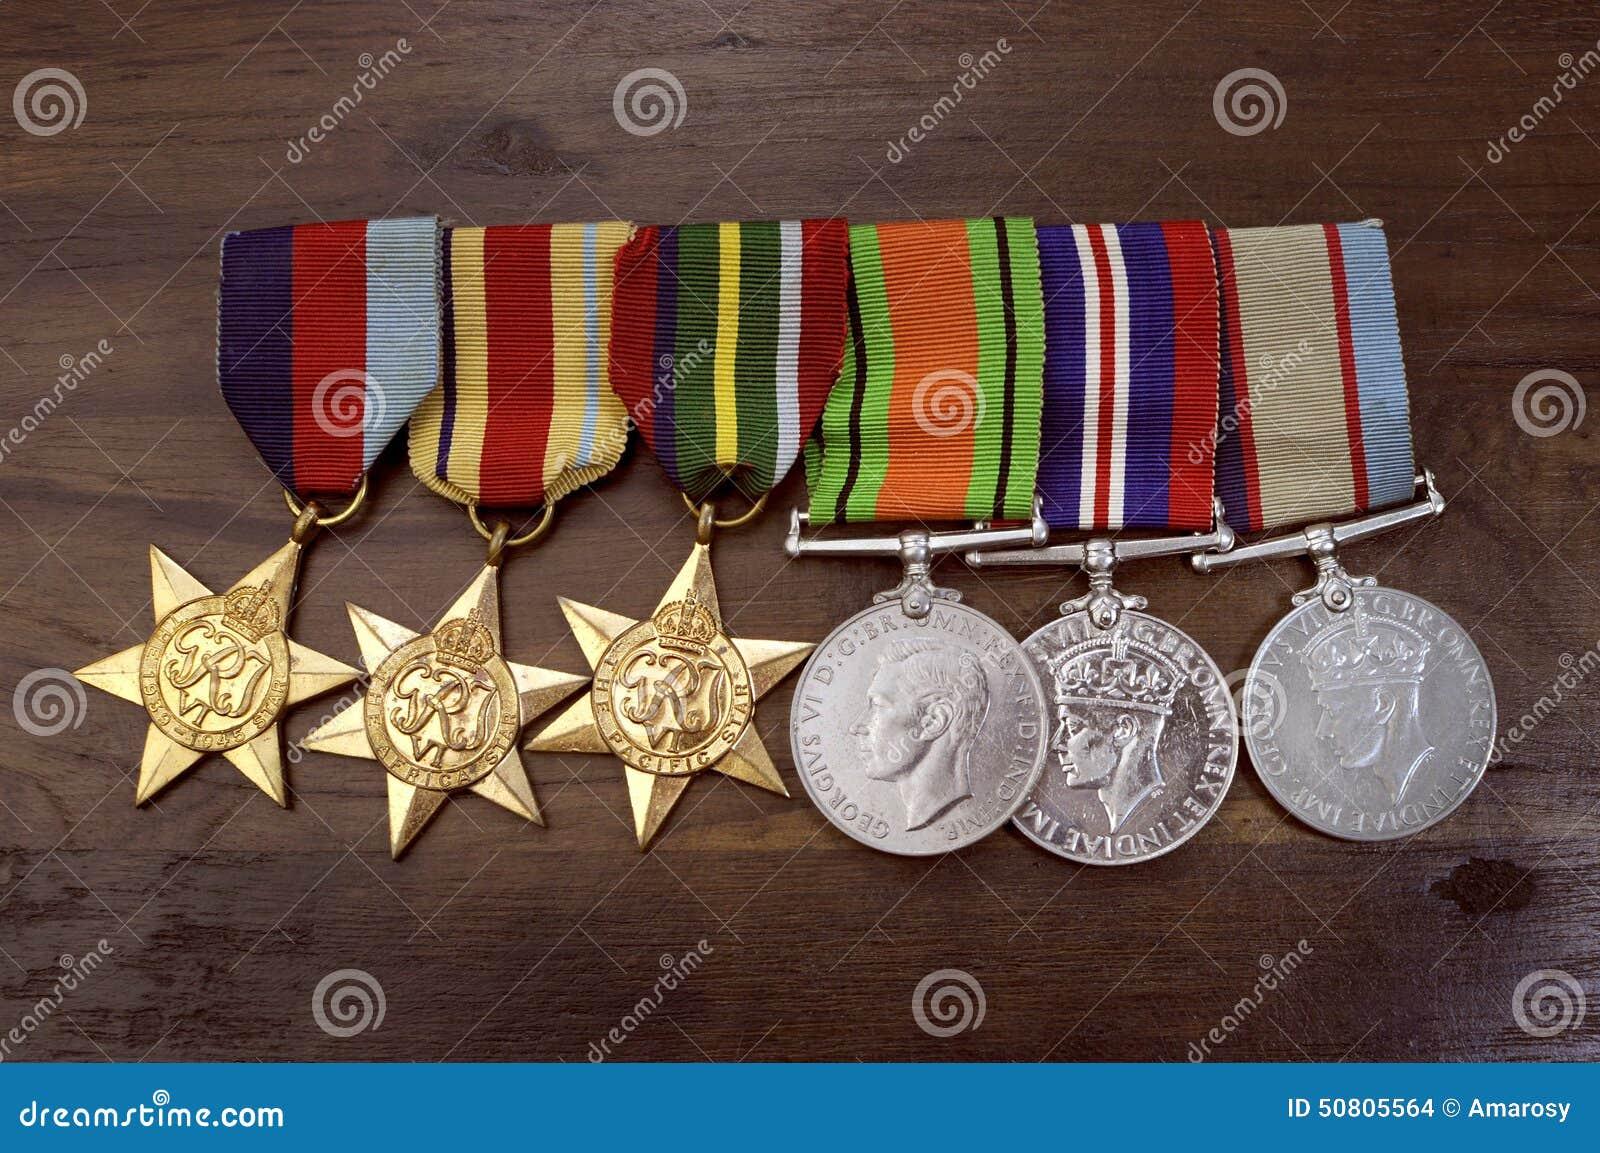 Αυστραλιανά μετάλλια εκστρατείας Δεύτερου Παγκόσμιου Πολέμου στρατού